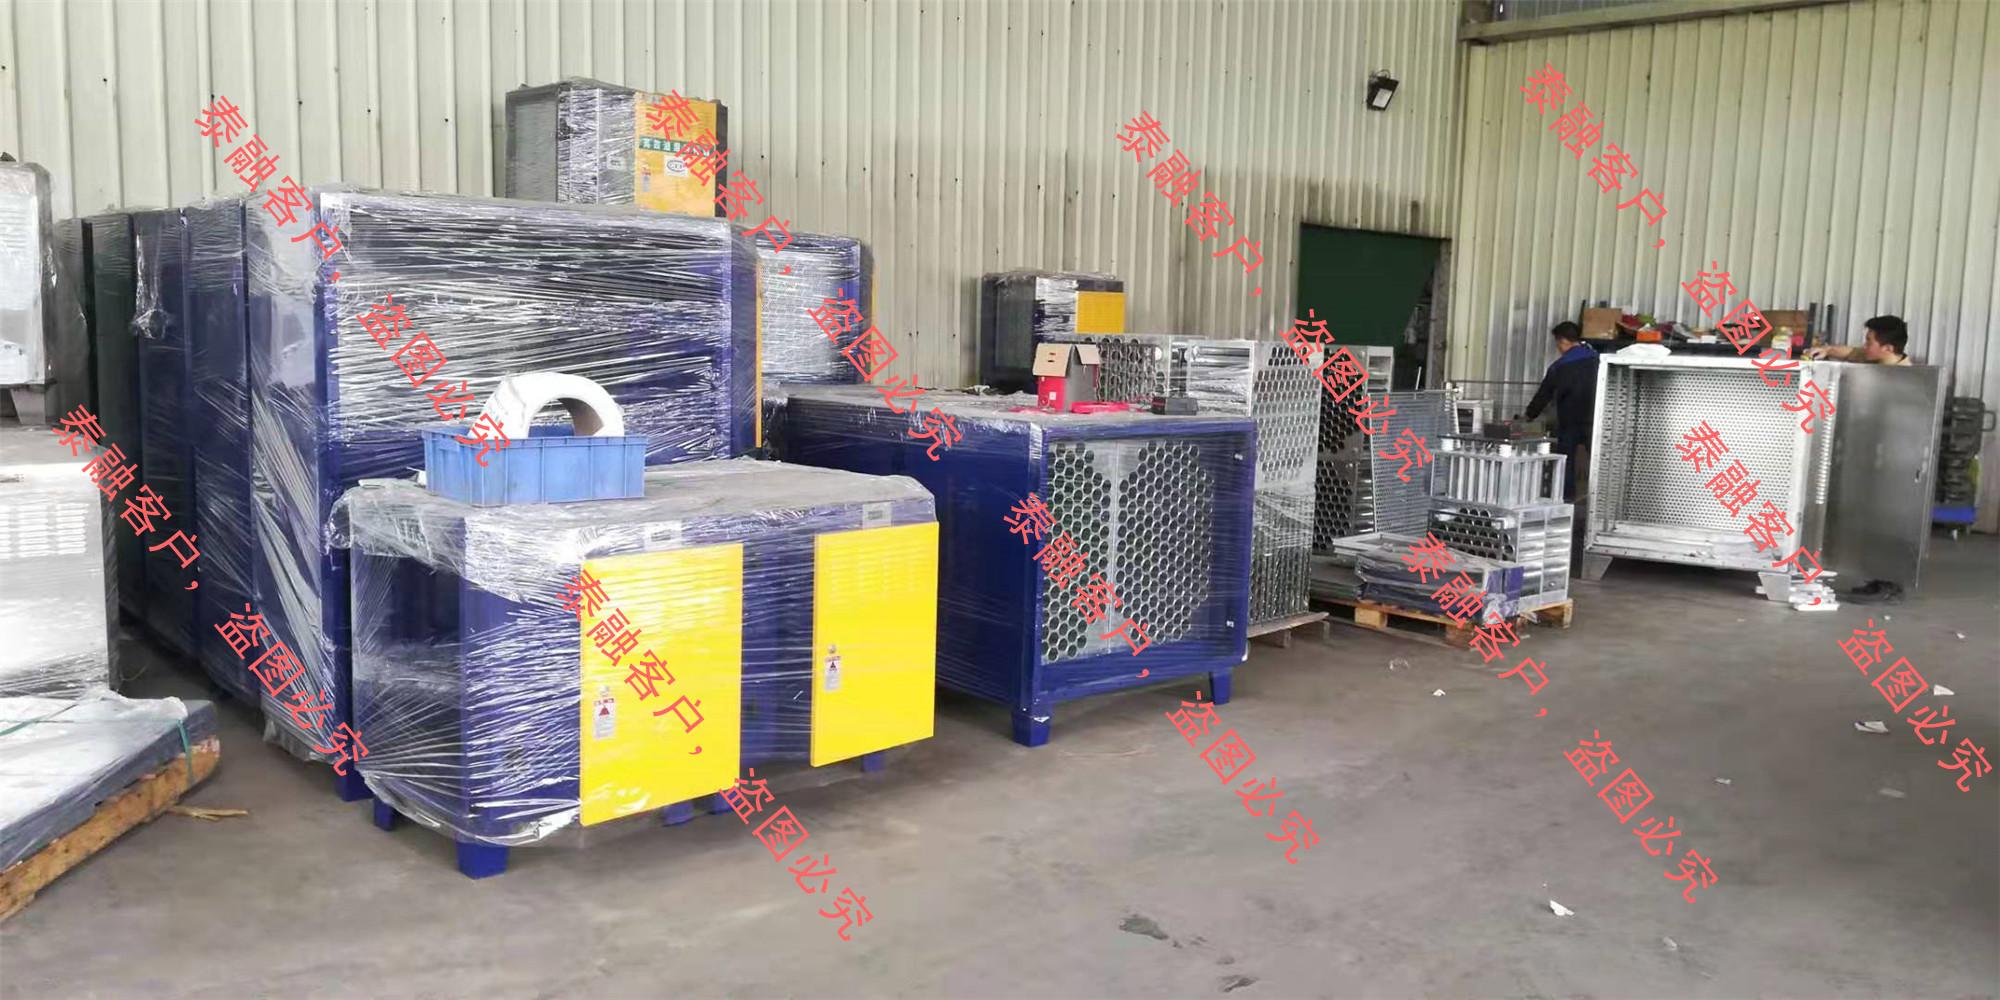 佛山市ccep认证(中国环境保护产品认证)油烟净化器